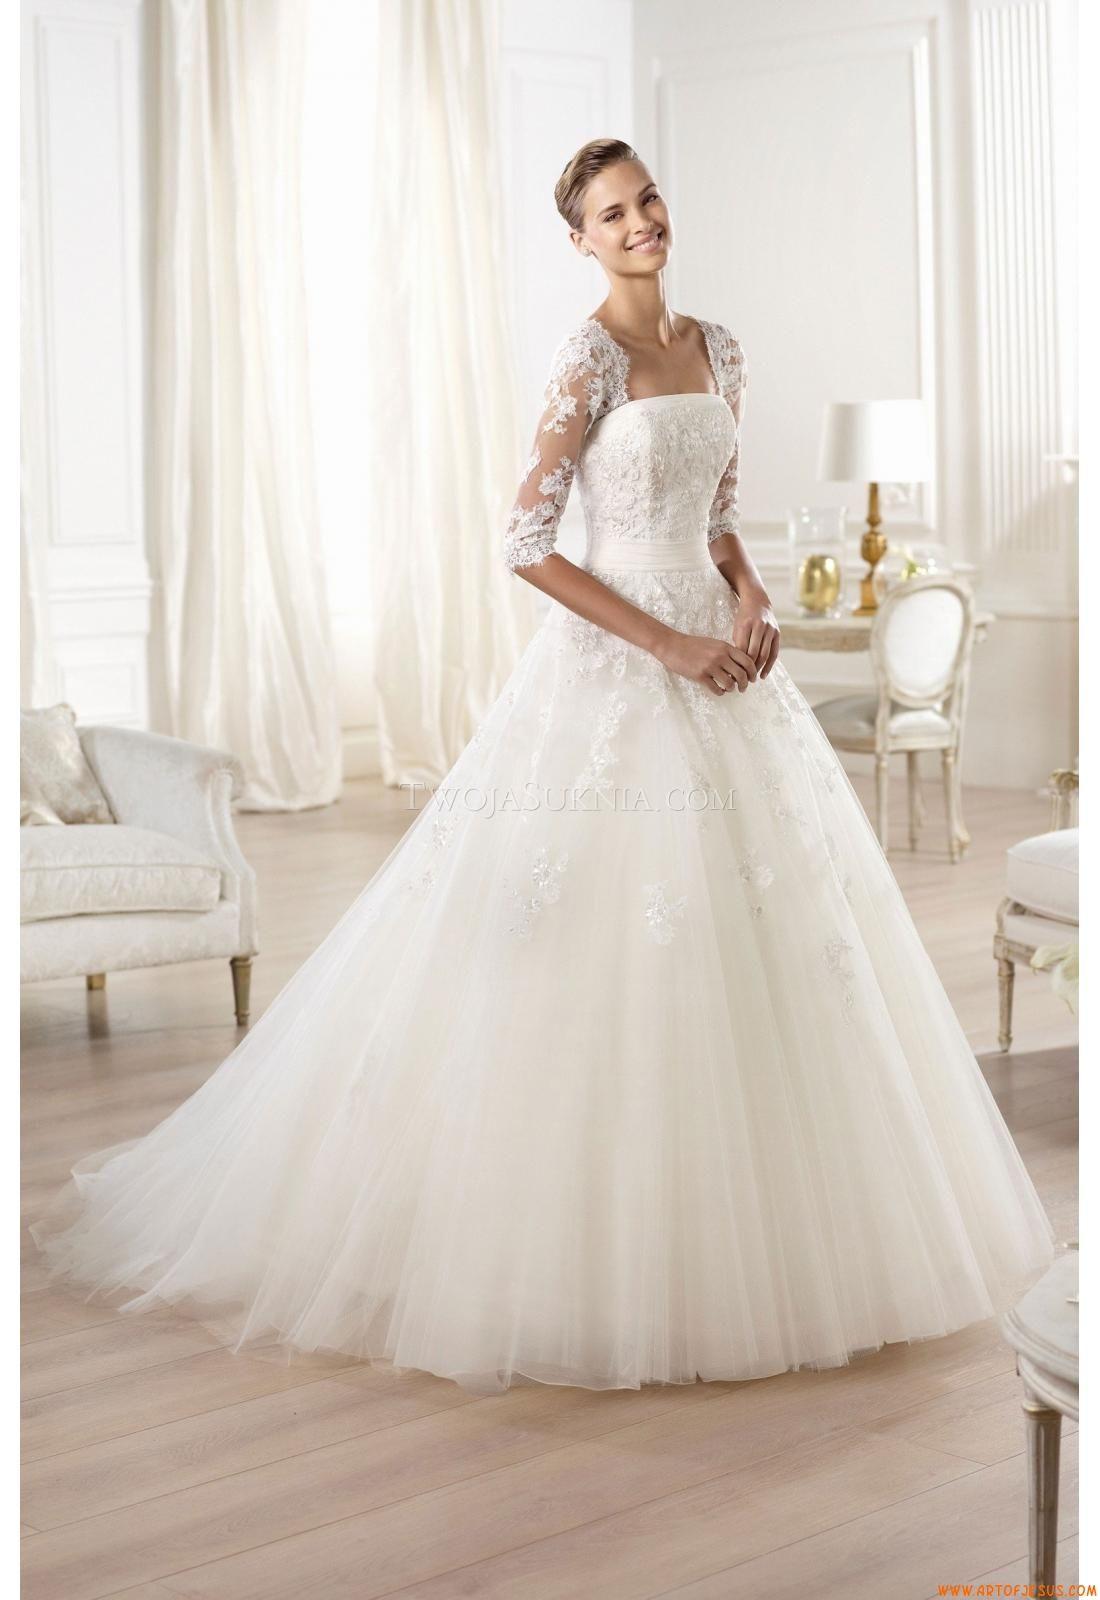 Wedding Dresses Pronovias Ocanto 2014 | Wedding Dresses Pronovias ...